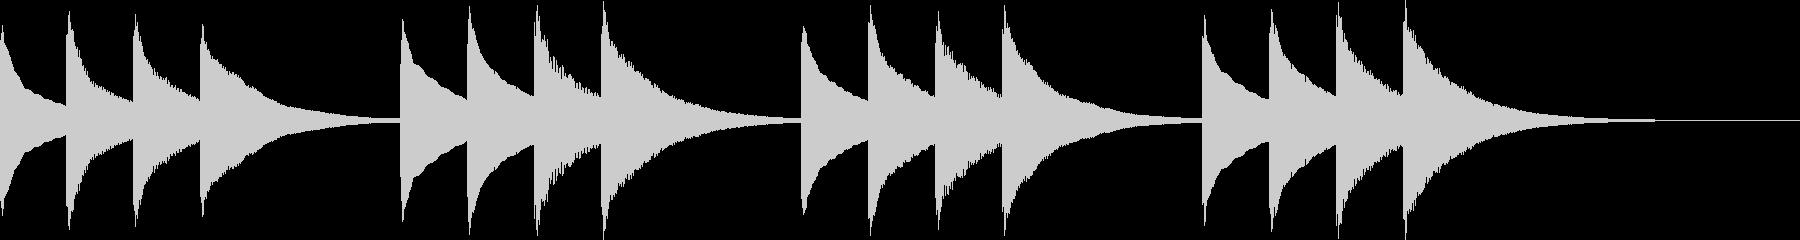 始業のチャイムの未再生の波形